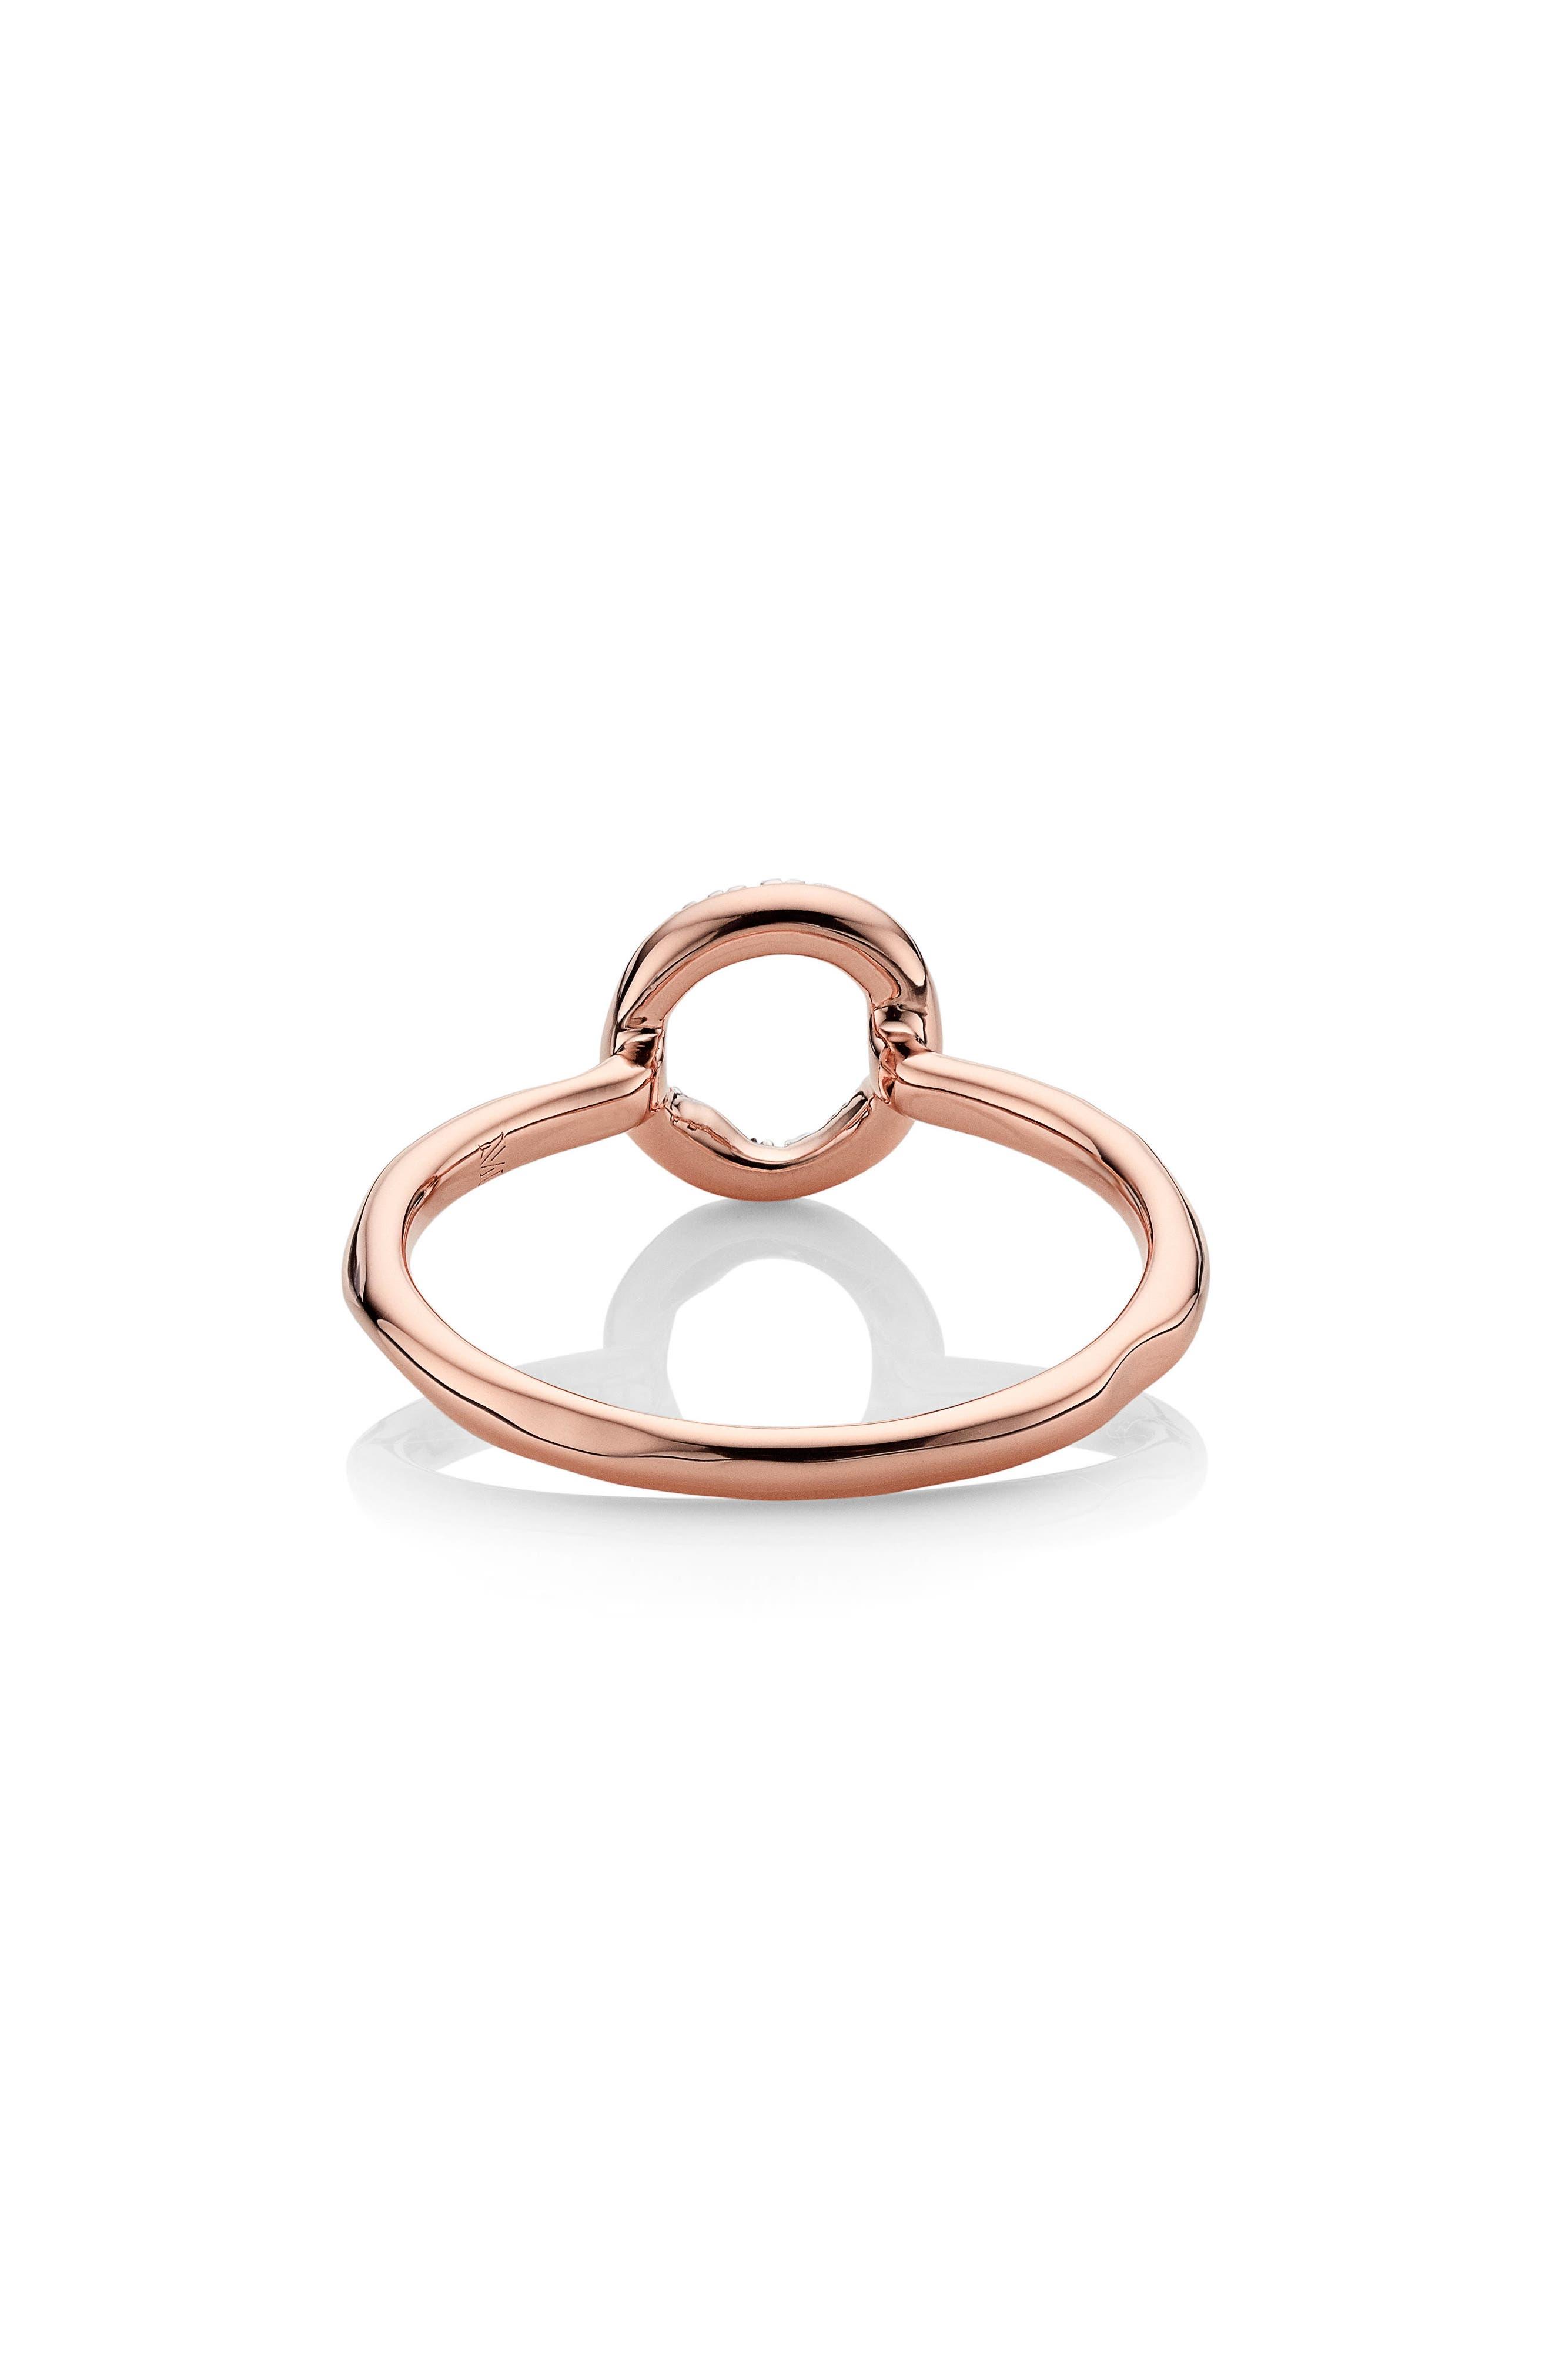 Riva Diamond Mini Circle Ring,                             Alternate thumbnail 4, color,                             Rose Gold/ Diamond